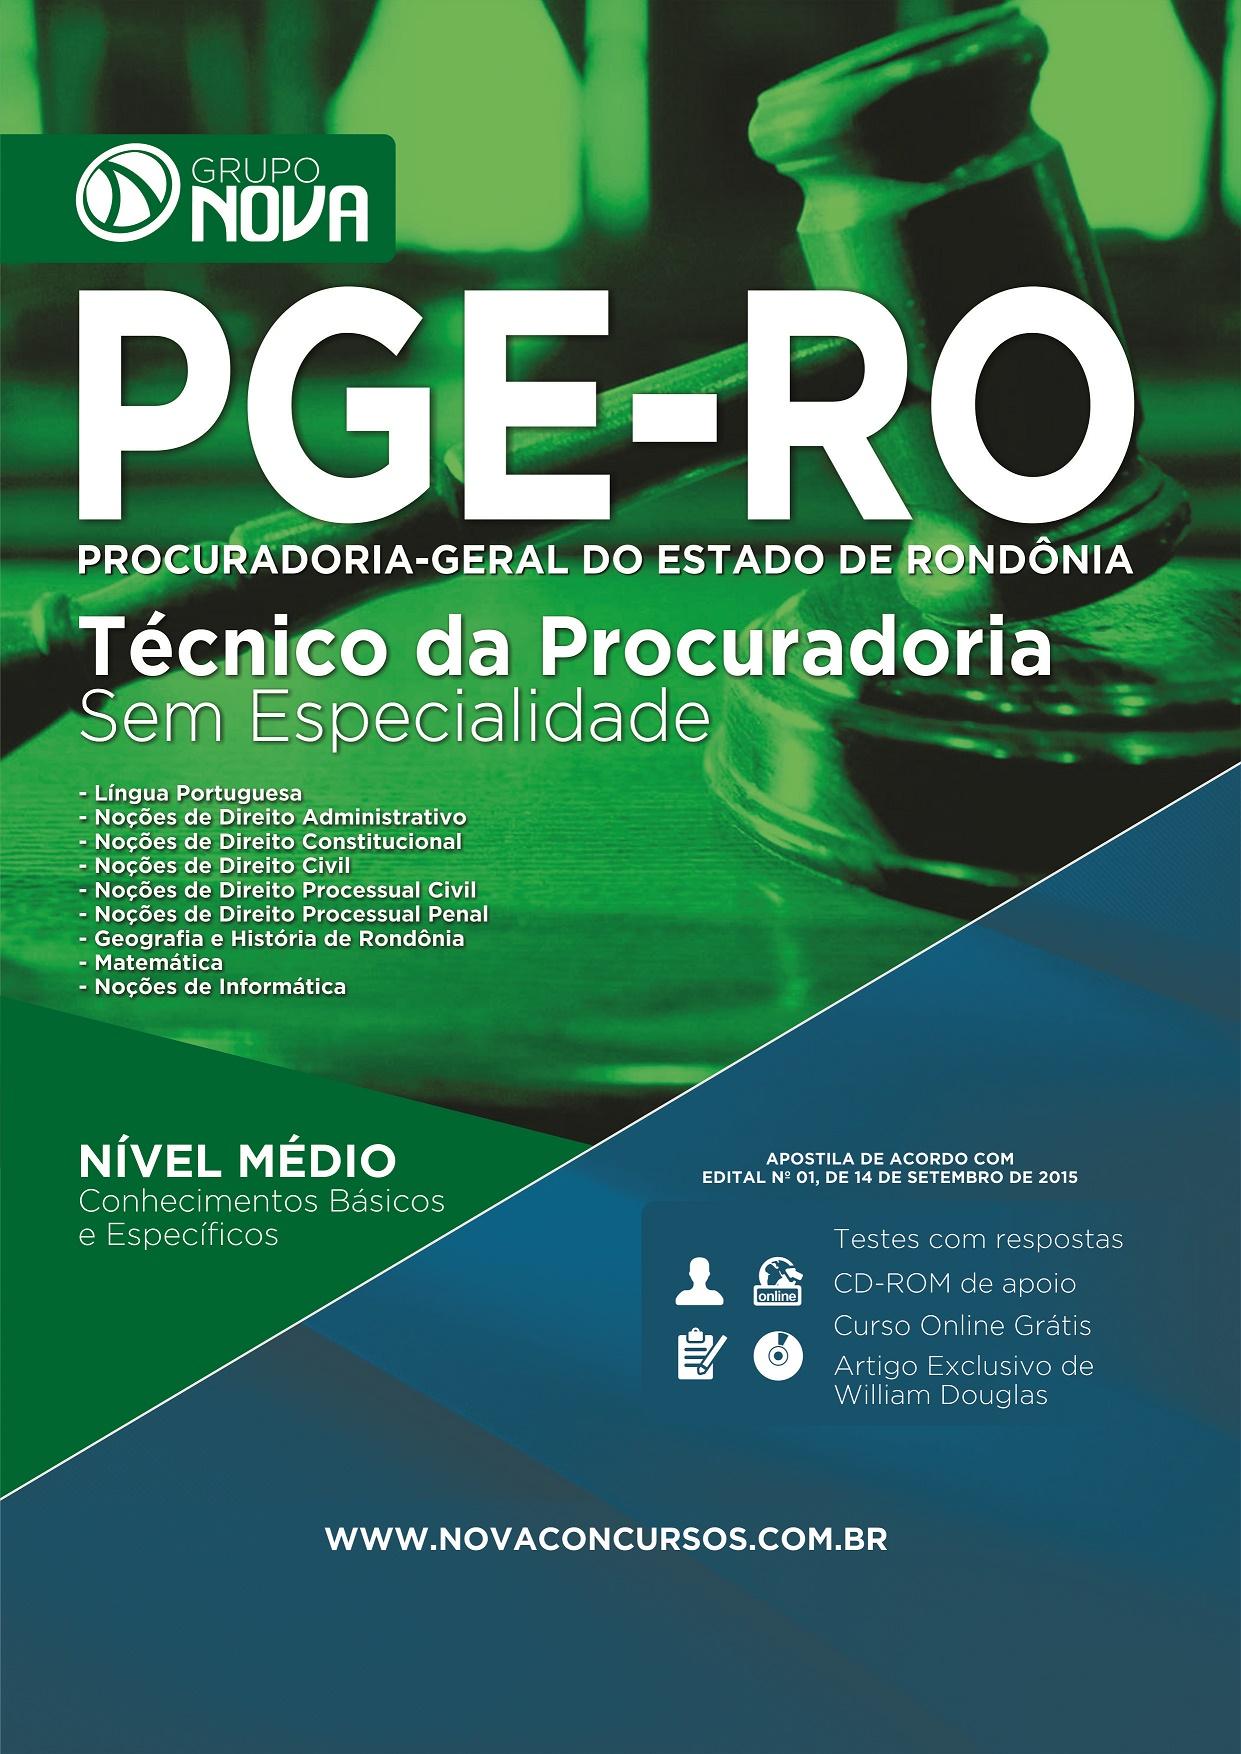 Apostila PGE - RO 2015 - Técnico da Procuradoria - Sem Especialidade ( Impresso )